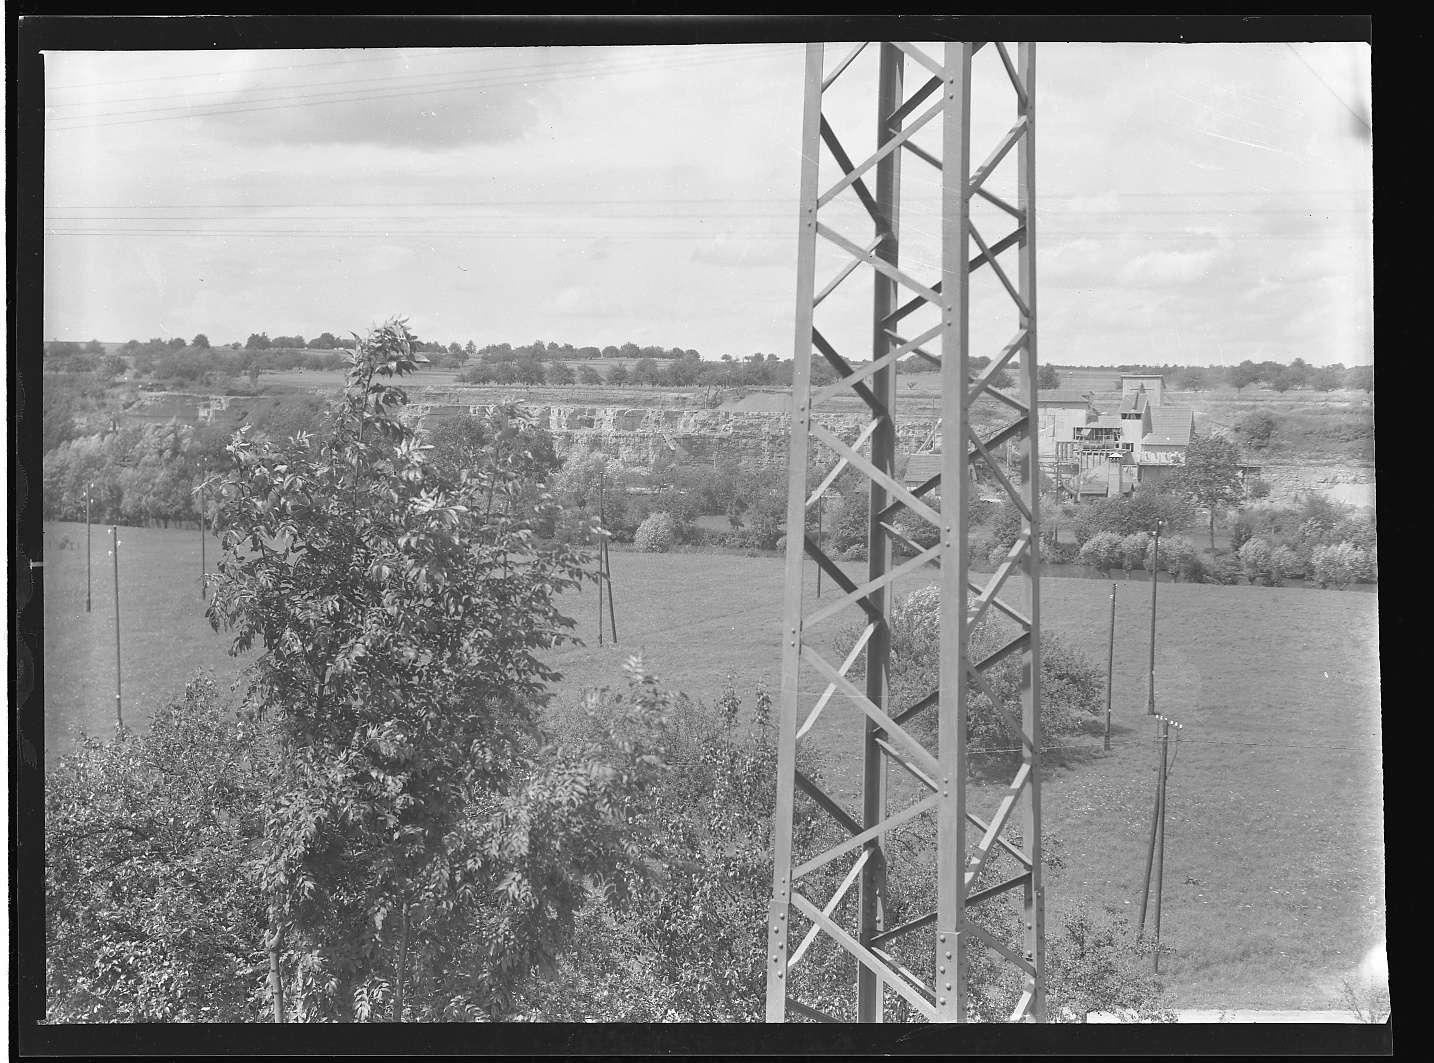 Bietigheim-Bissingen (Württ.), Bissingen, Bf, Ansichten bei der Rommel- Mühle (?), Abb. a